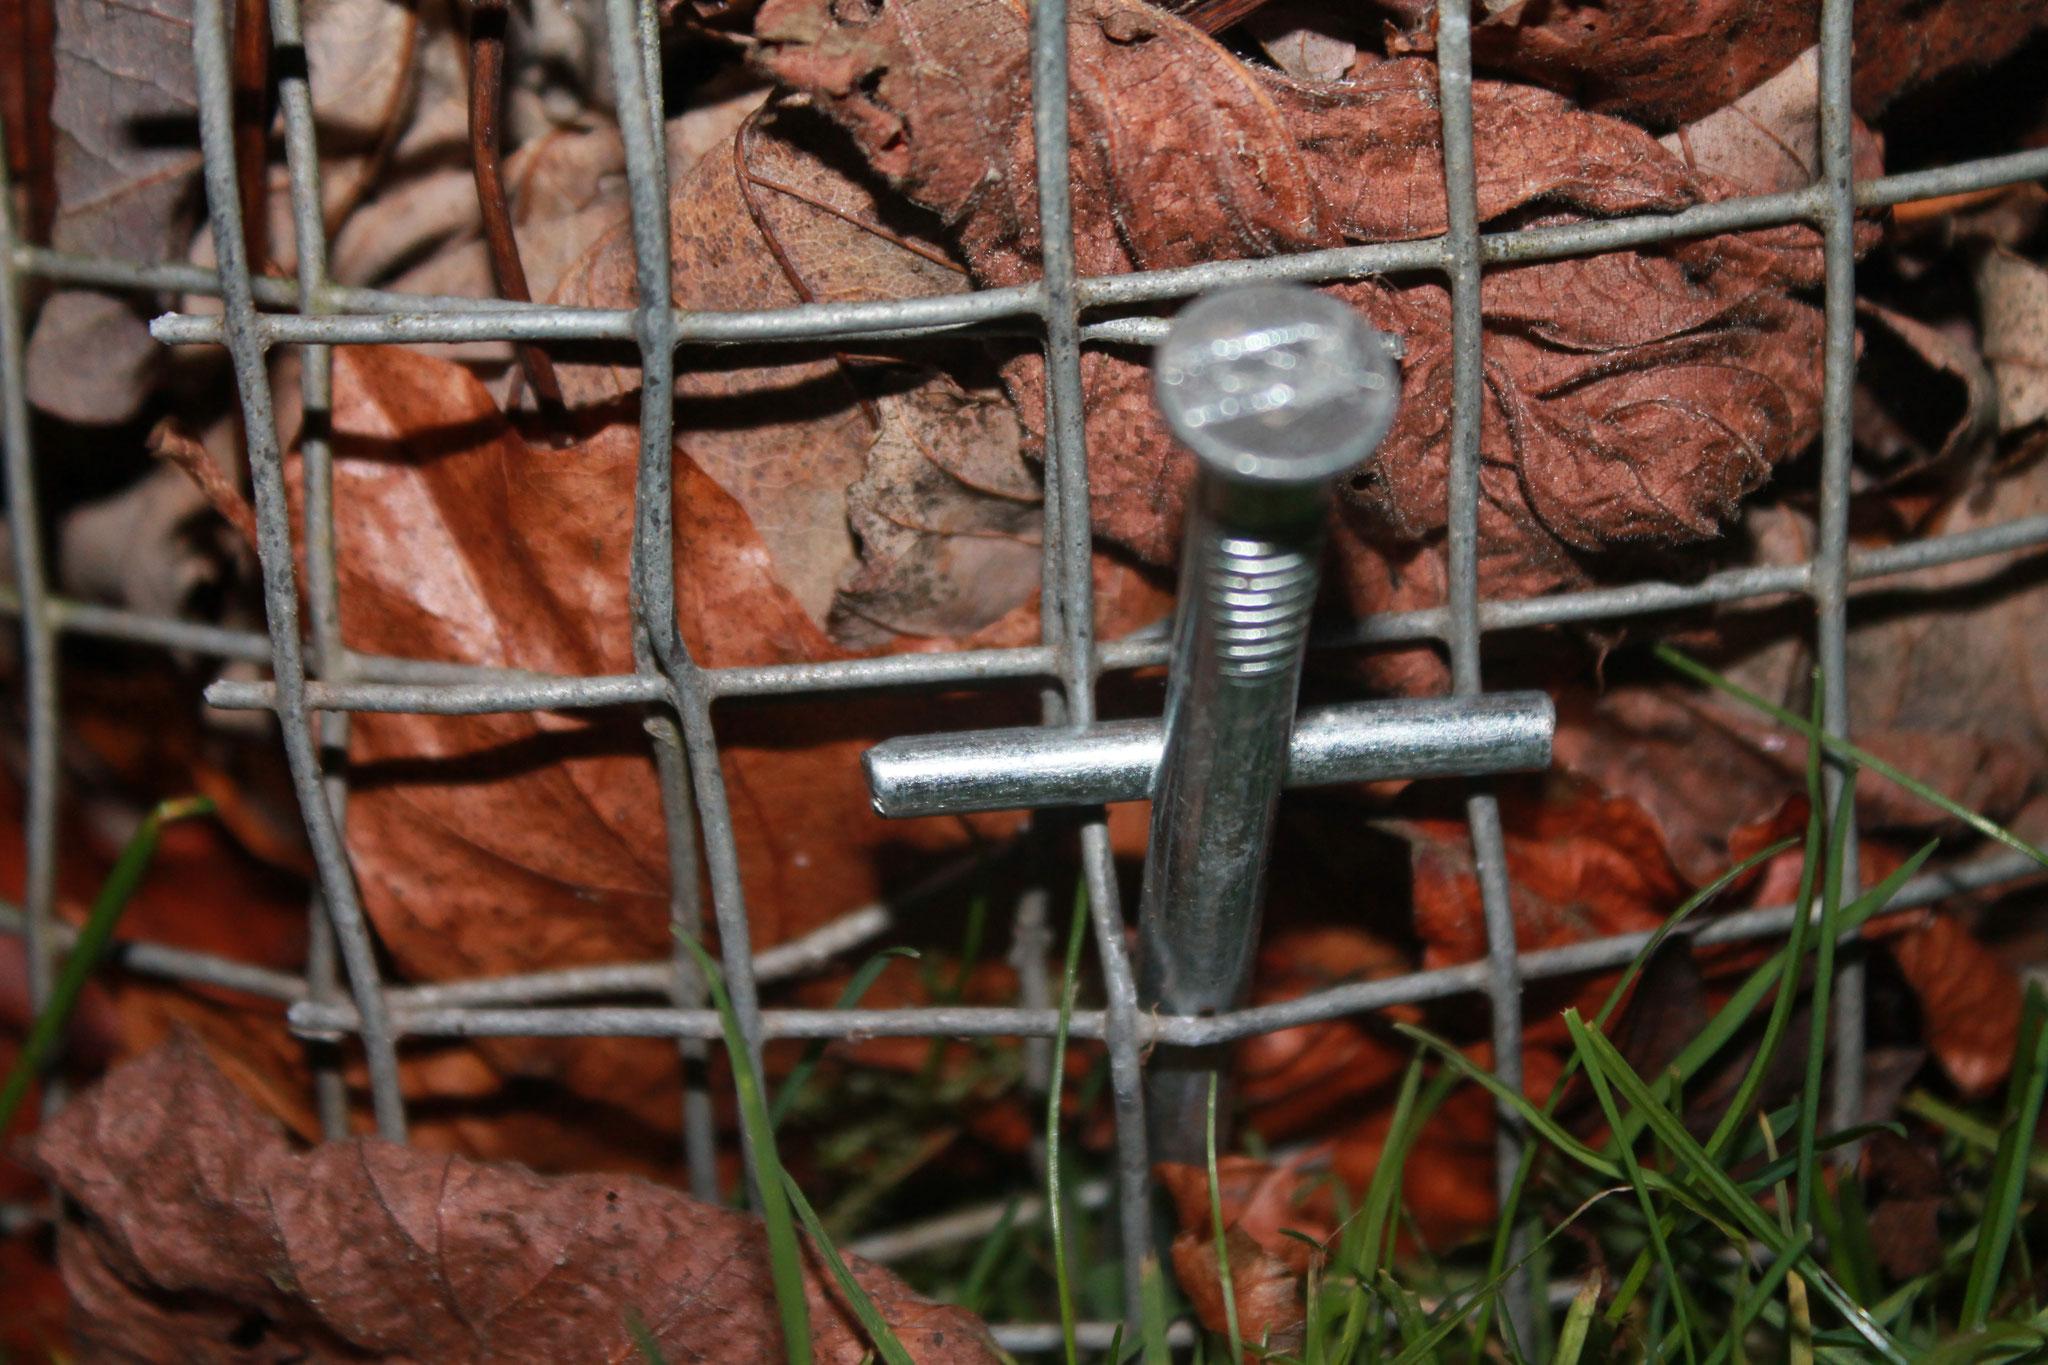 Laubsäule mit Zeltnagel verankert